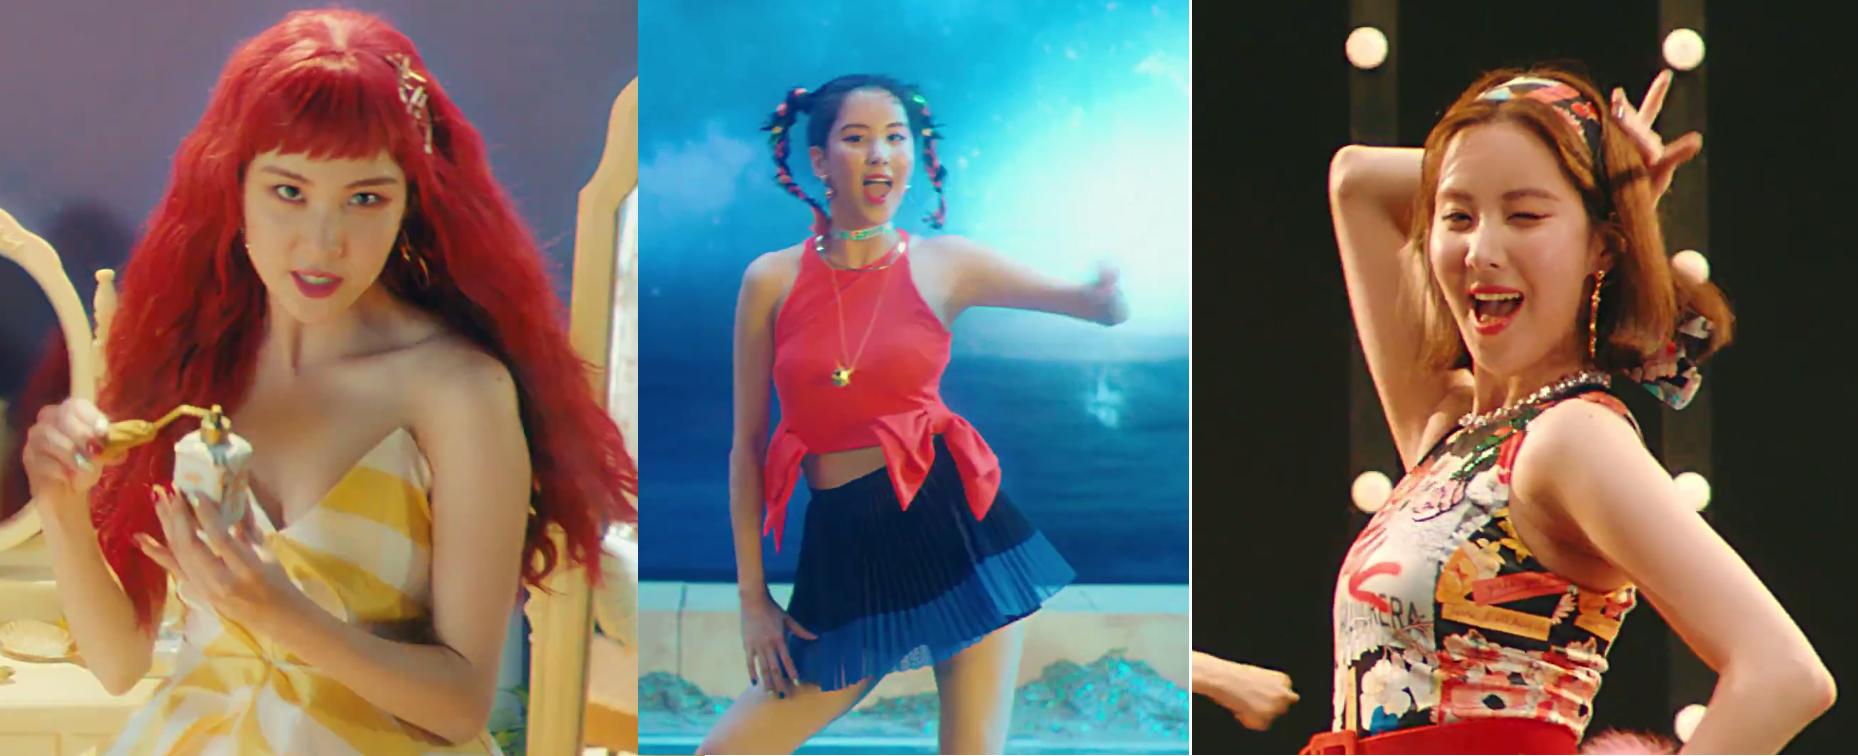 Soi loạt kiểu tóc cùng cách makeup thời thượng được SNSD bê vào 2 MV mới toanh - Ảnh 17.